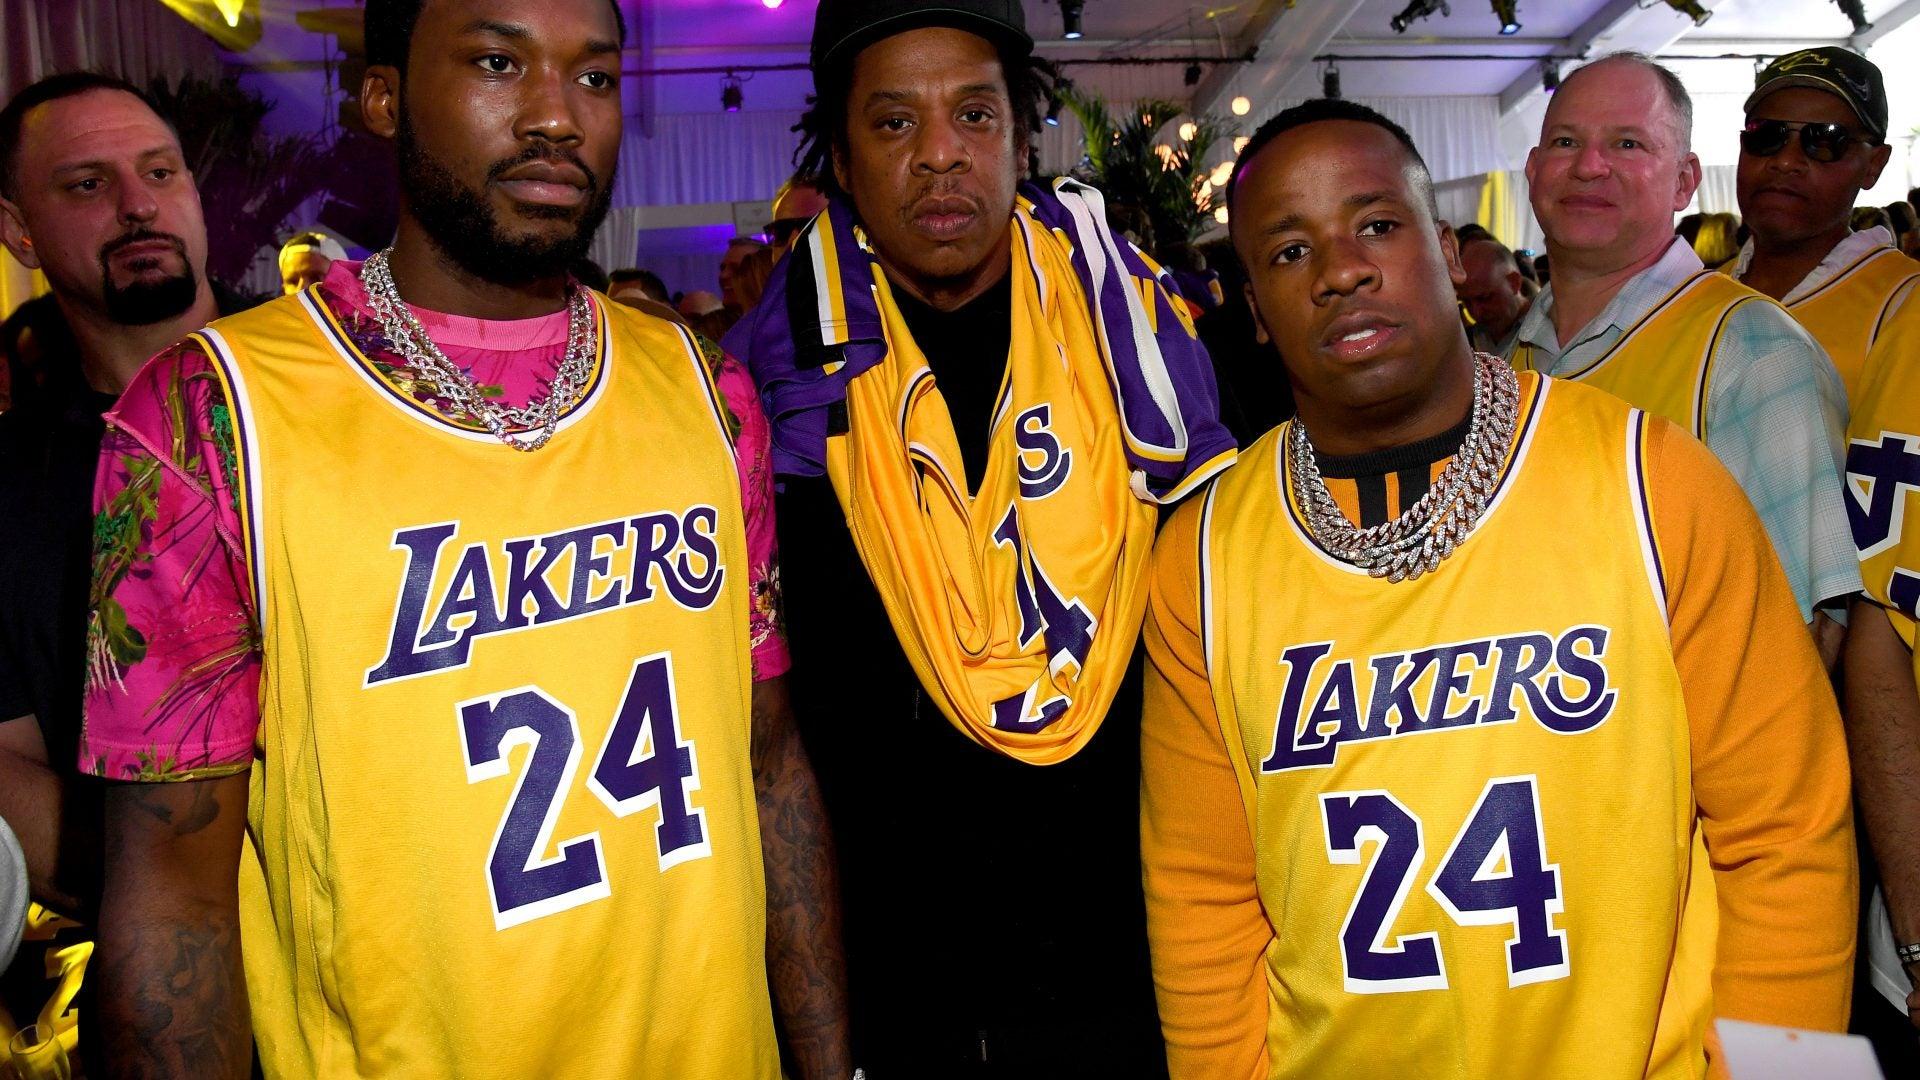 Celebrities Storm Miami For Super Bowl LIV 2020